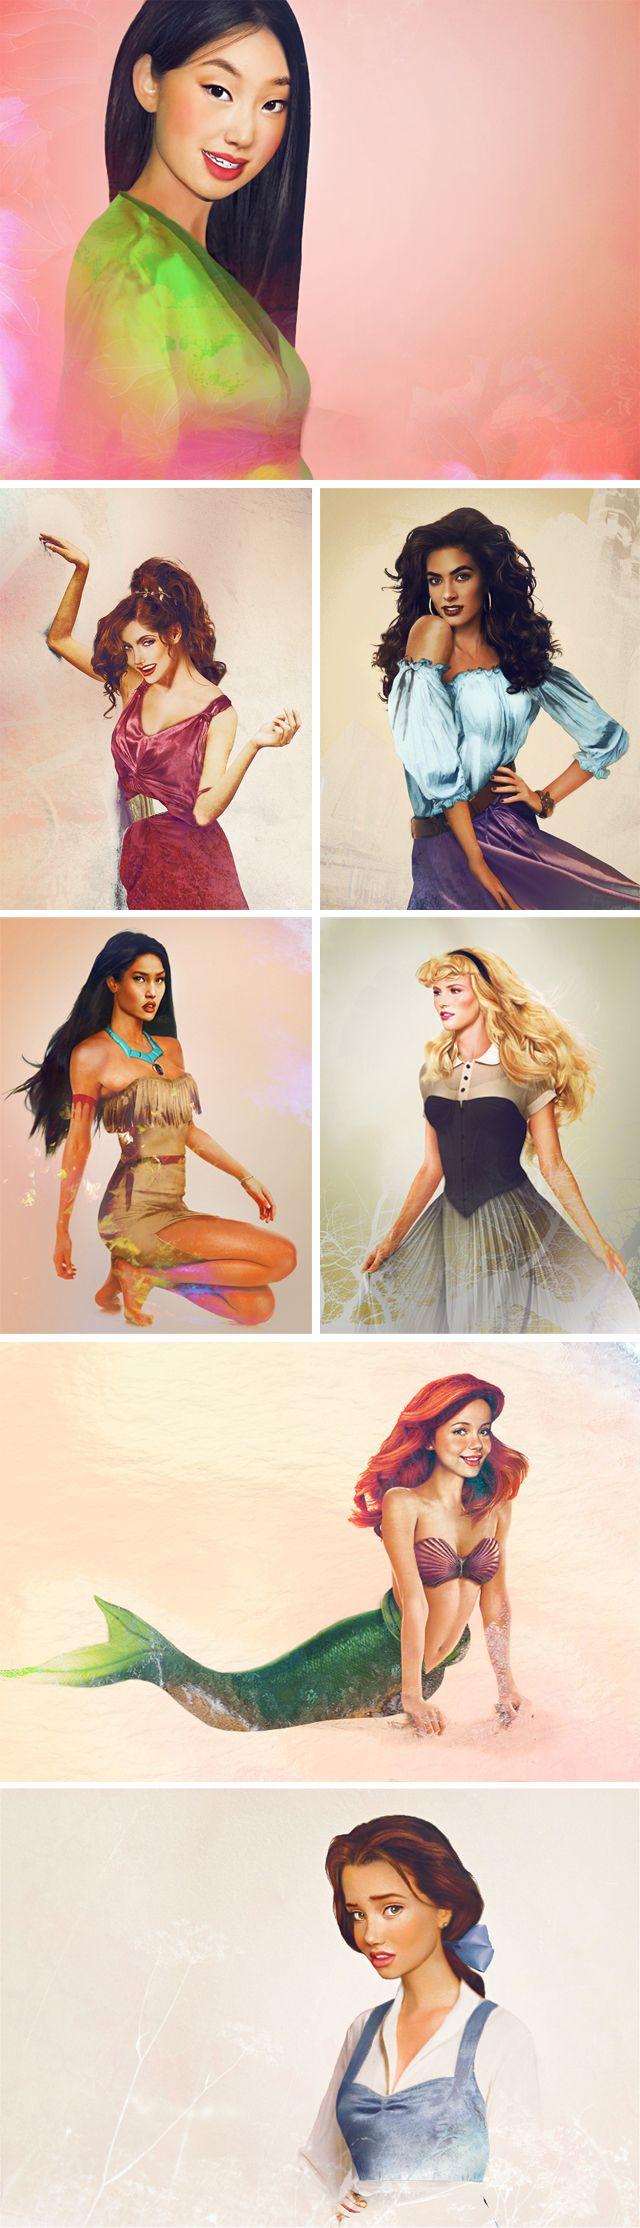 Disney Princess come to life!